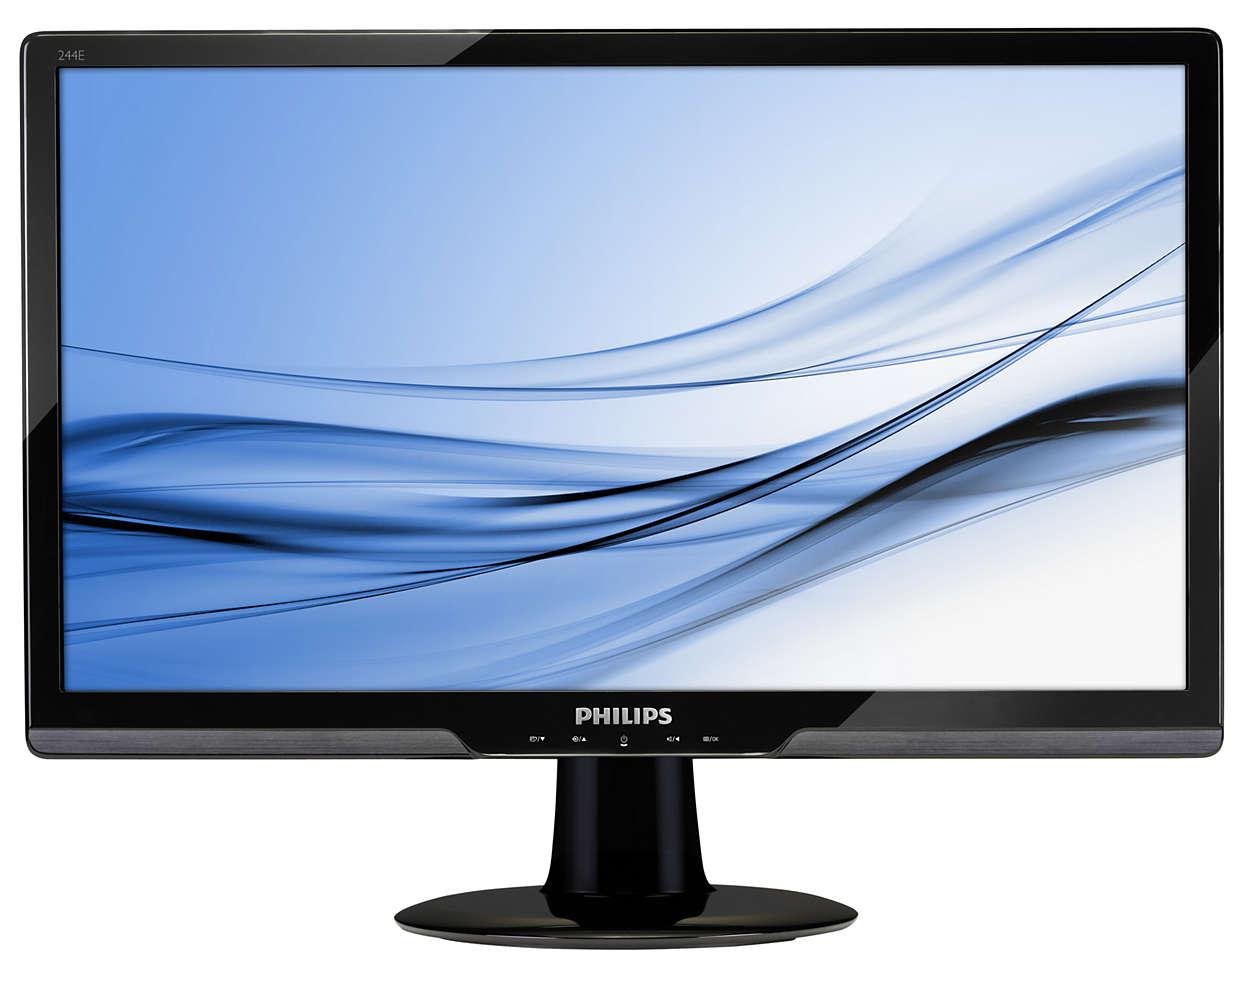 大螢幕 HDMI 顯示器,帶給您娛樂饗宴